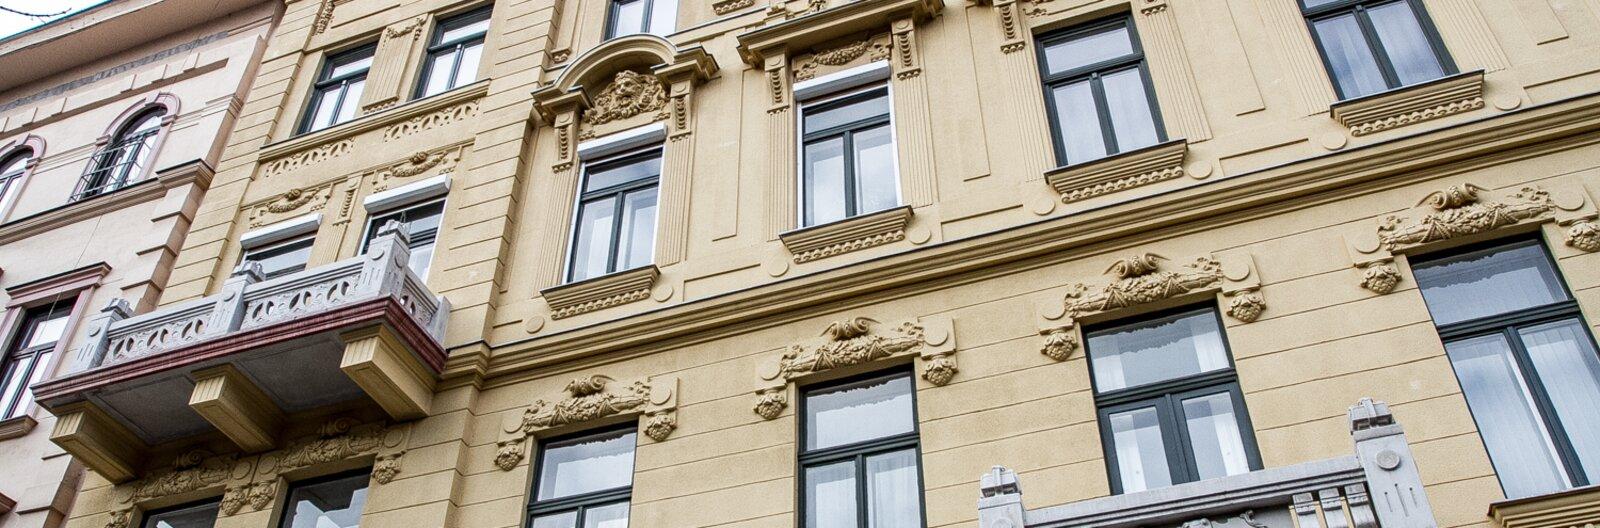 Öt felújított épülethomlokzat Budapesten - második rész